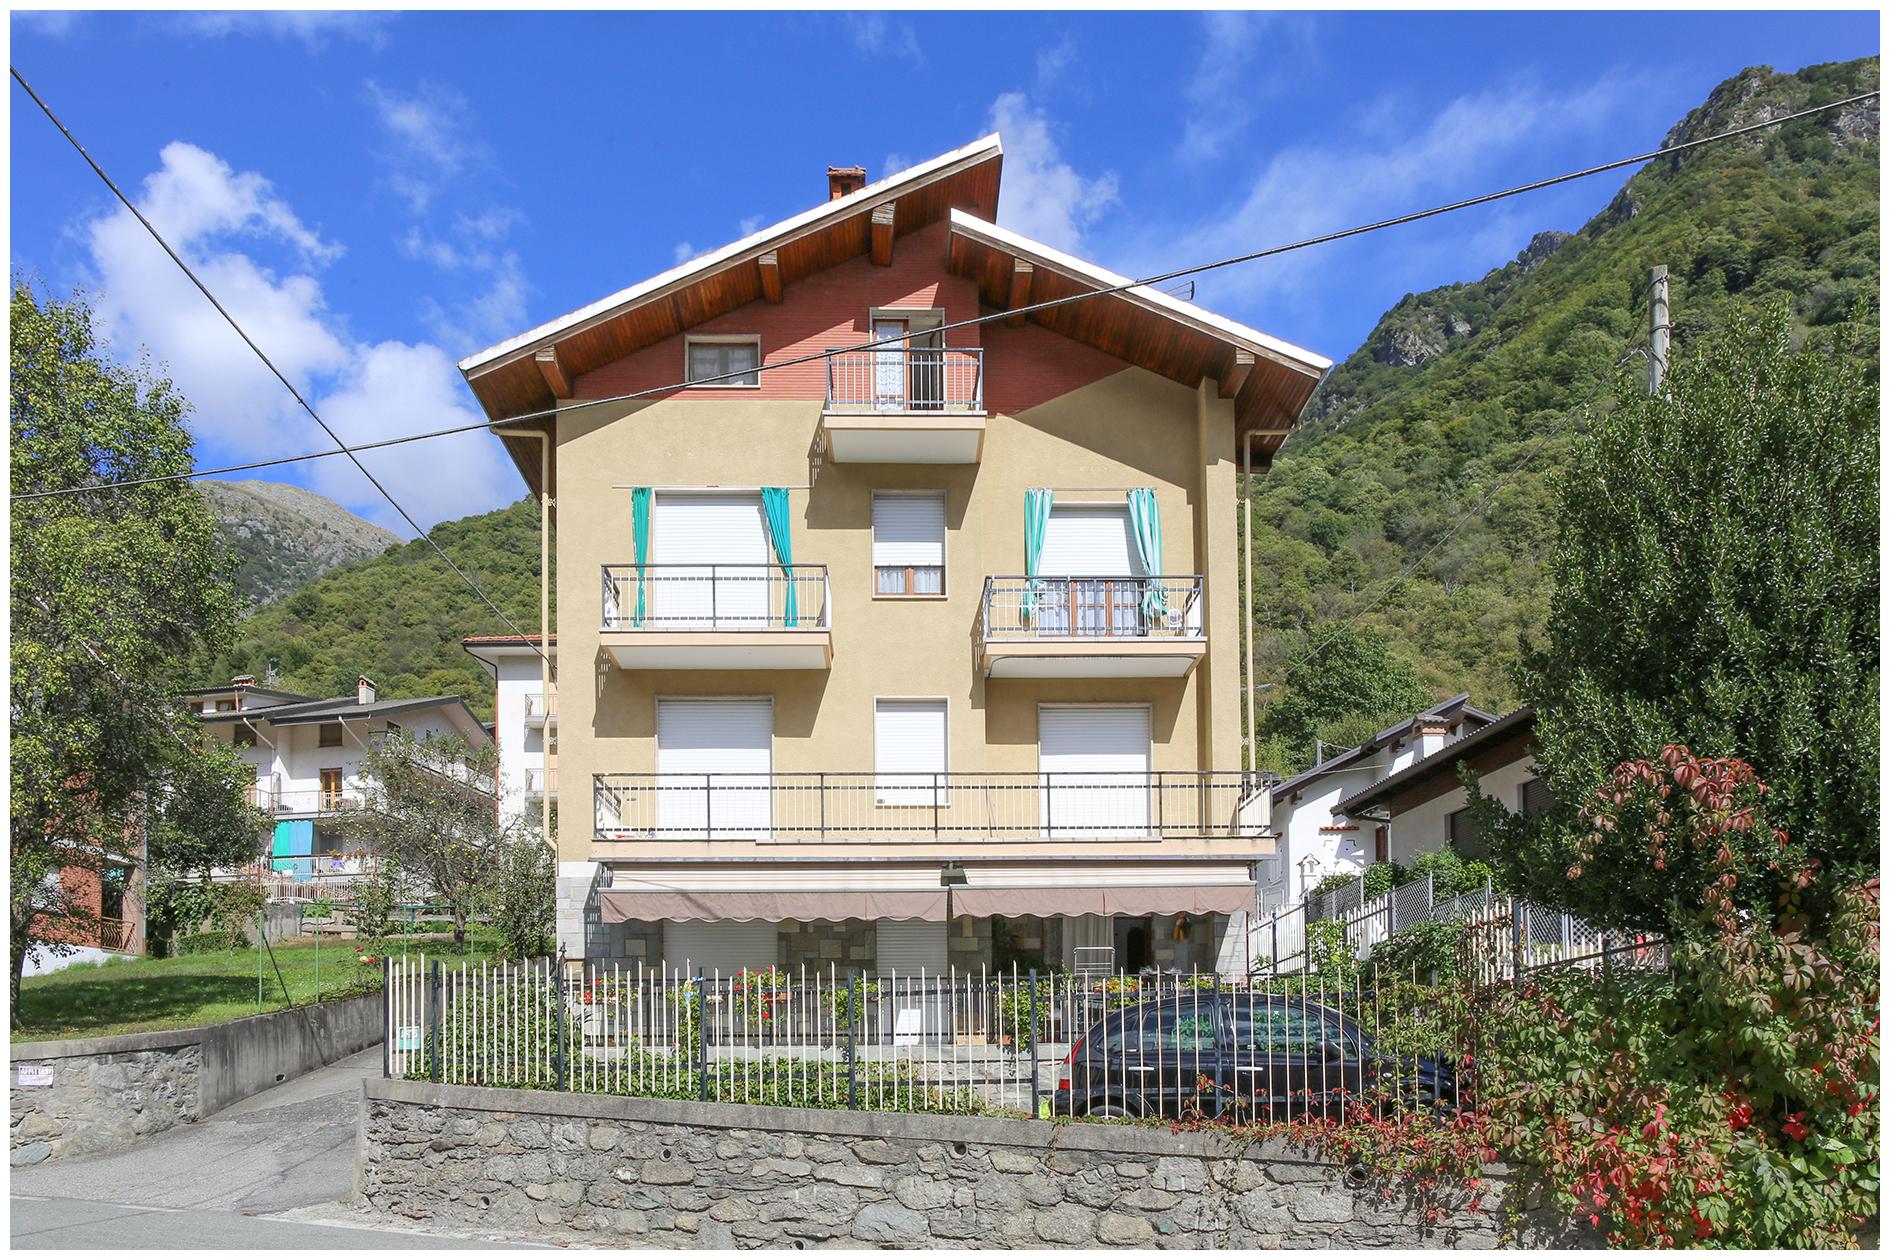 Appartamento in vendita a Cantoira, 3 locali, prezzo € 38.000 | PortaleAgenzieImmobiliari.it